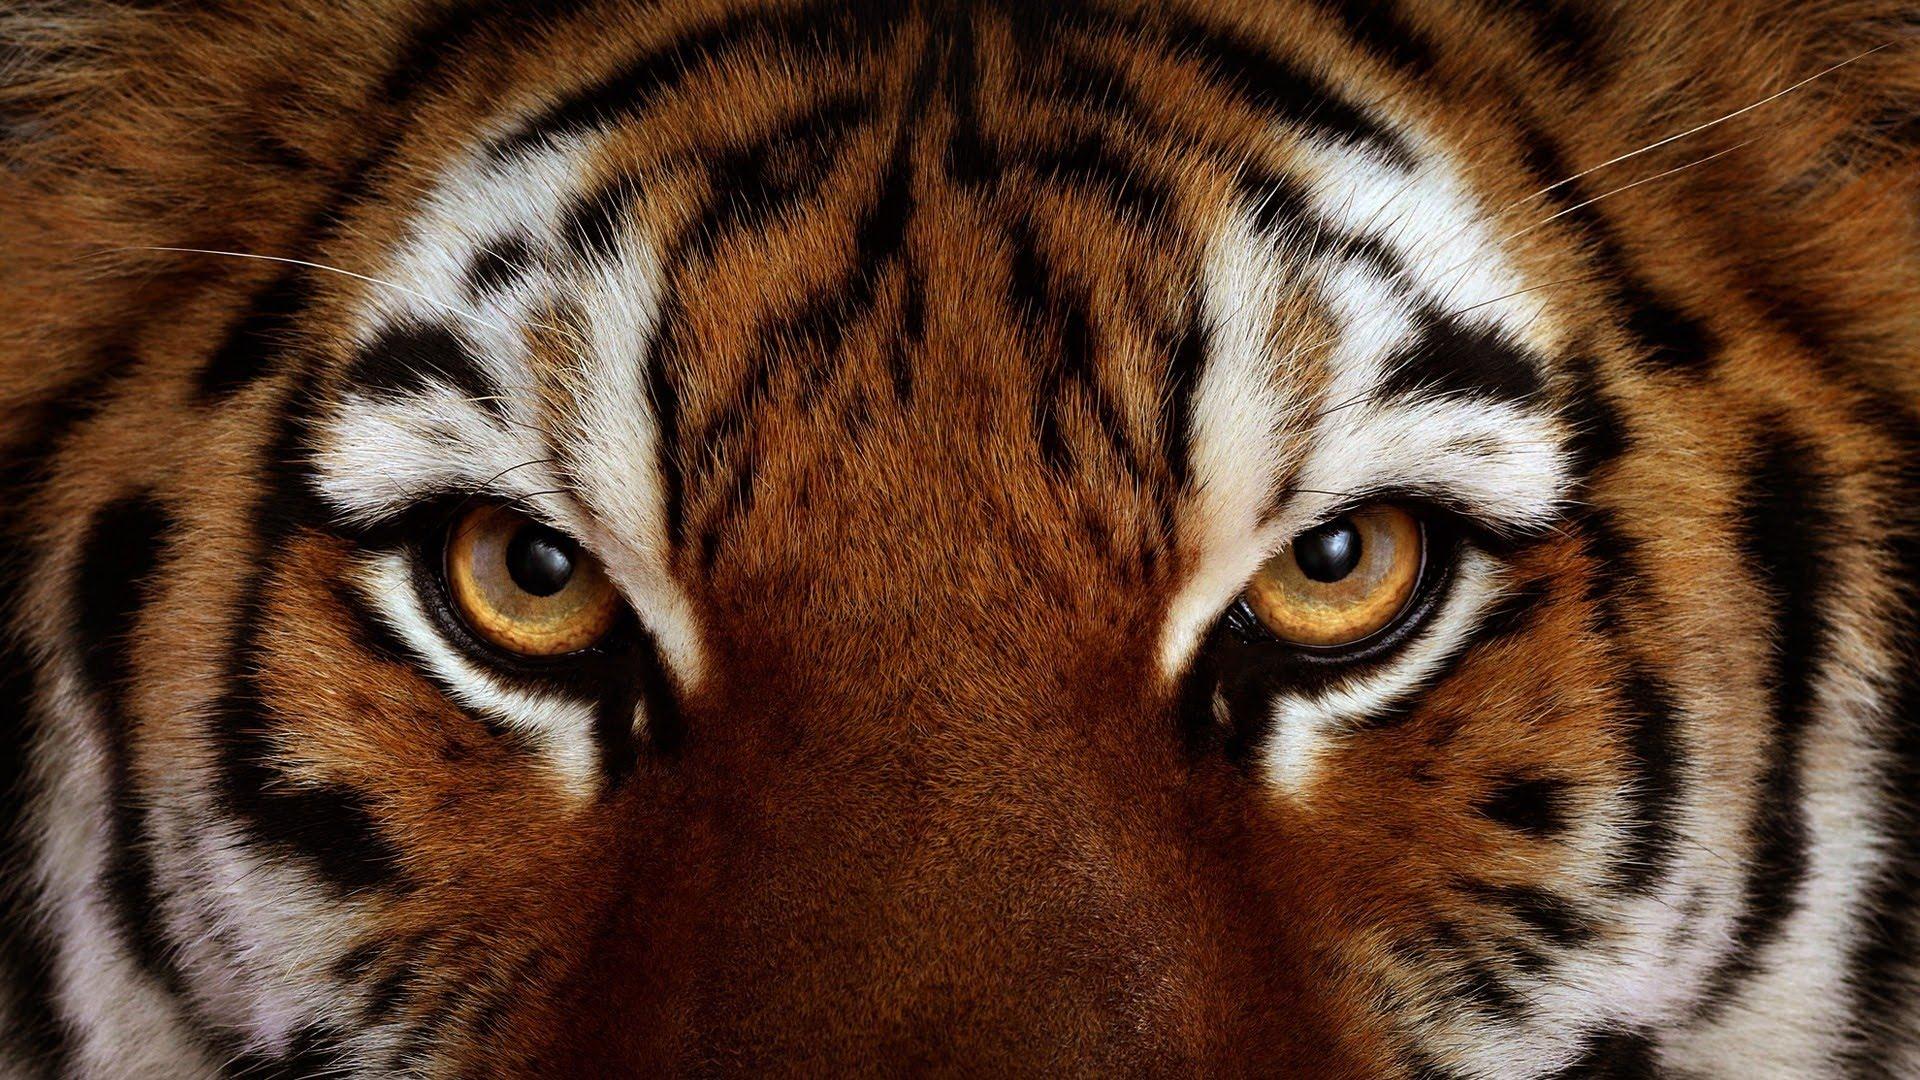 Animales Fondos De Escritorio Hd: Fondos De Pantalla Animales Salvajes, Wallpapers Hd